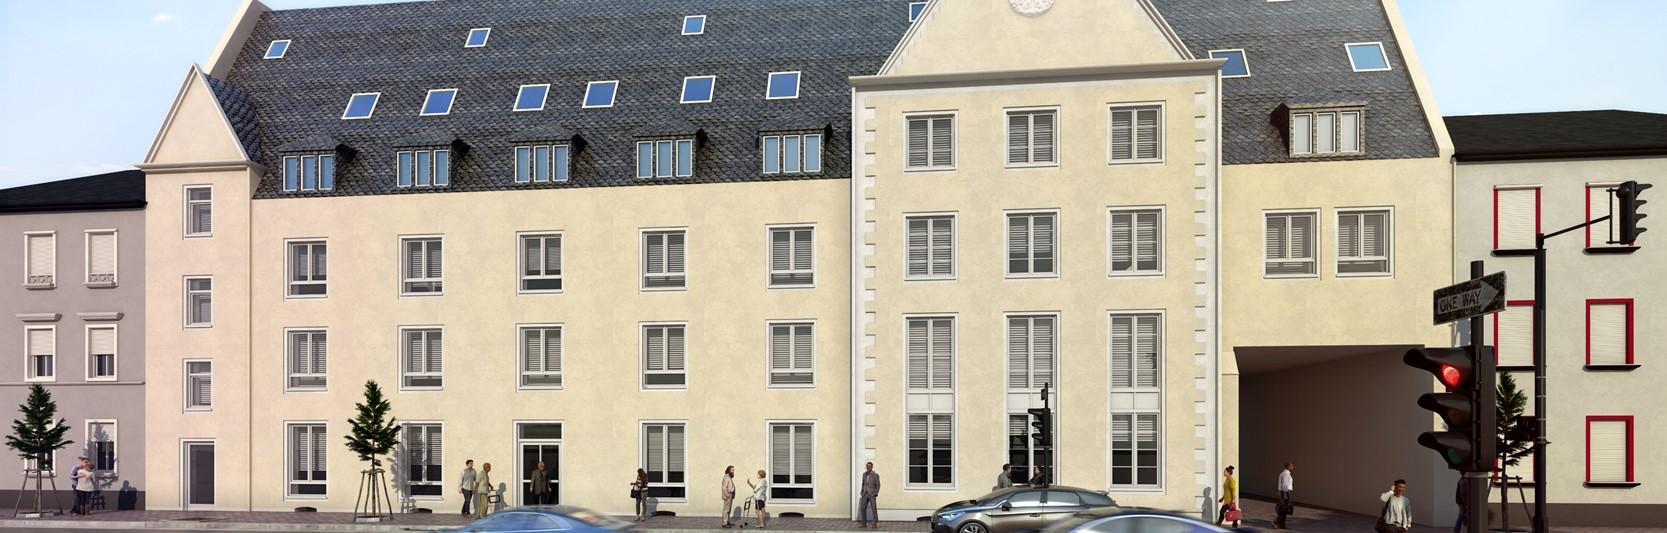 Neues Seniorenheim der KORIAN-Gruppe nimmt in Neuwied seinen Betrieb auf